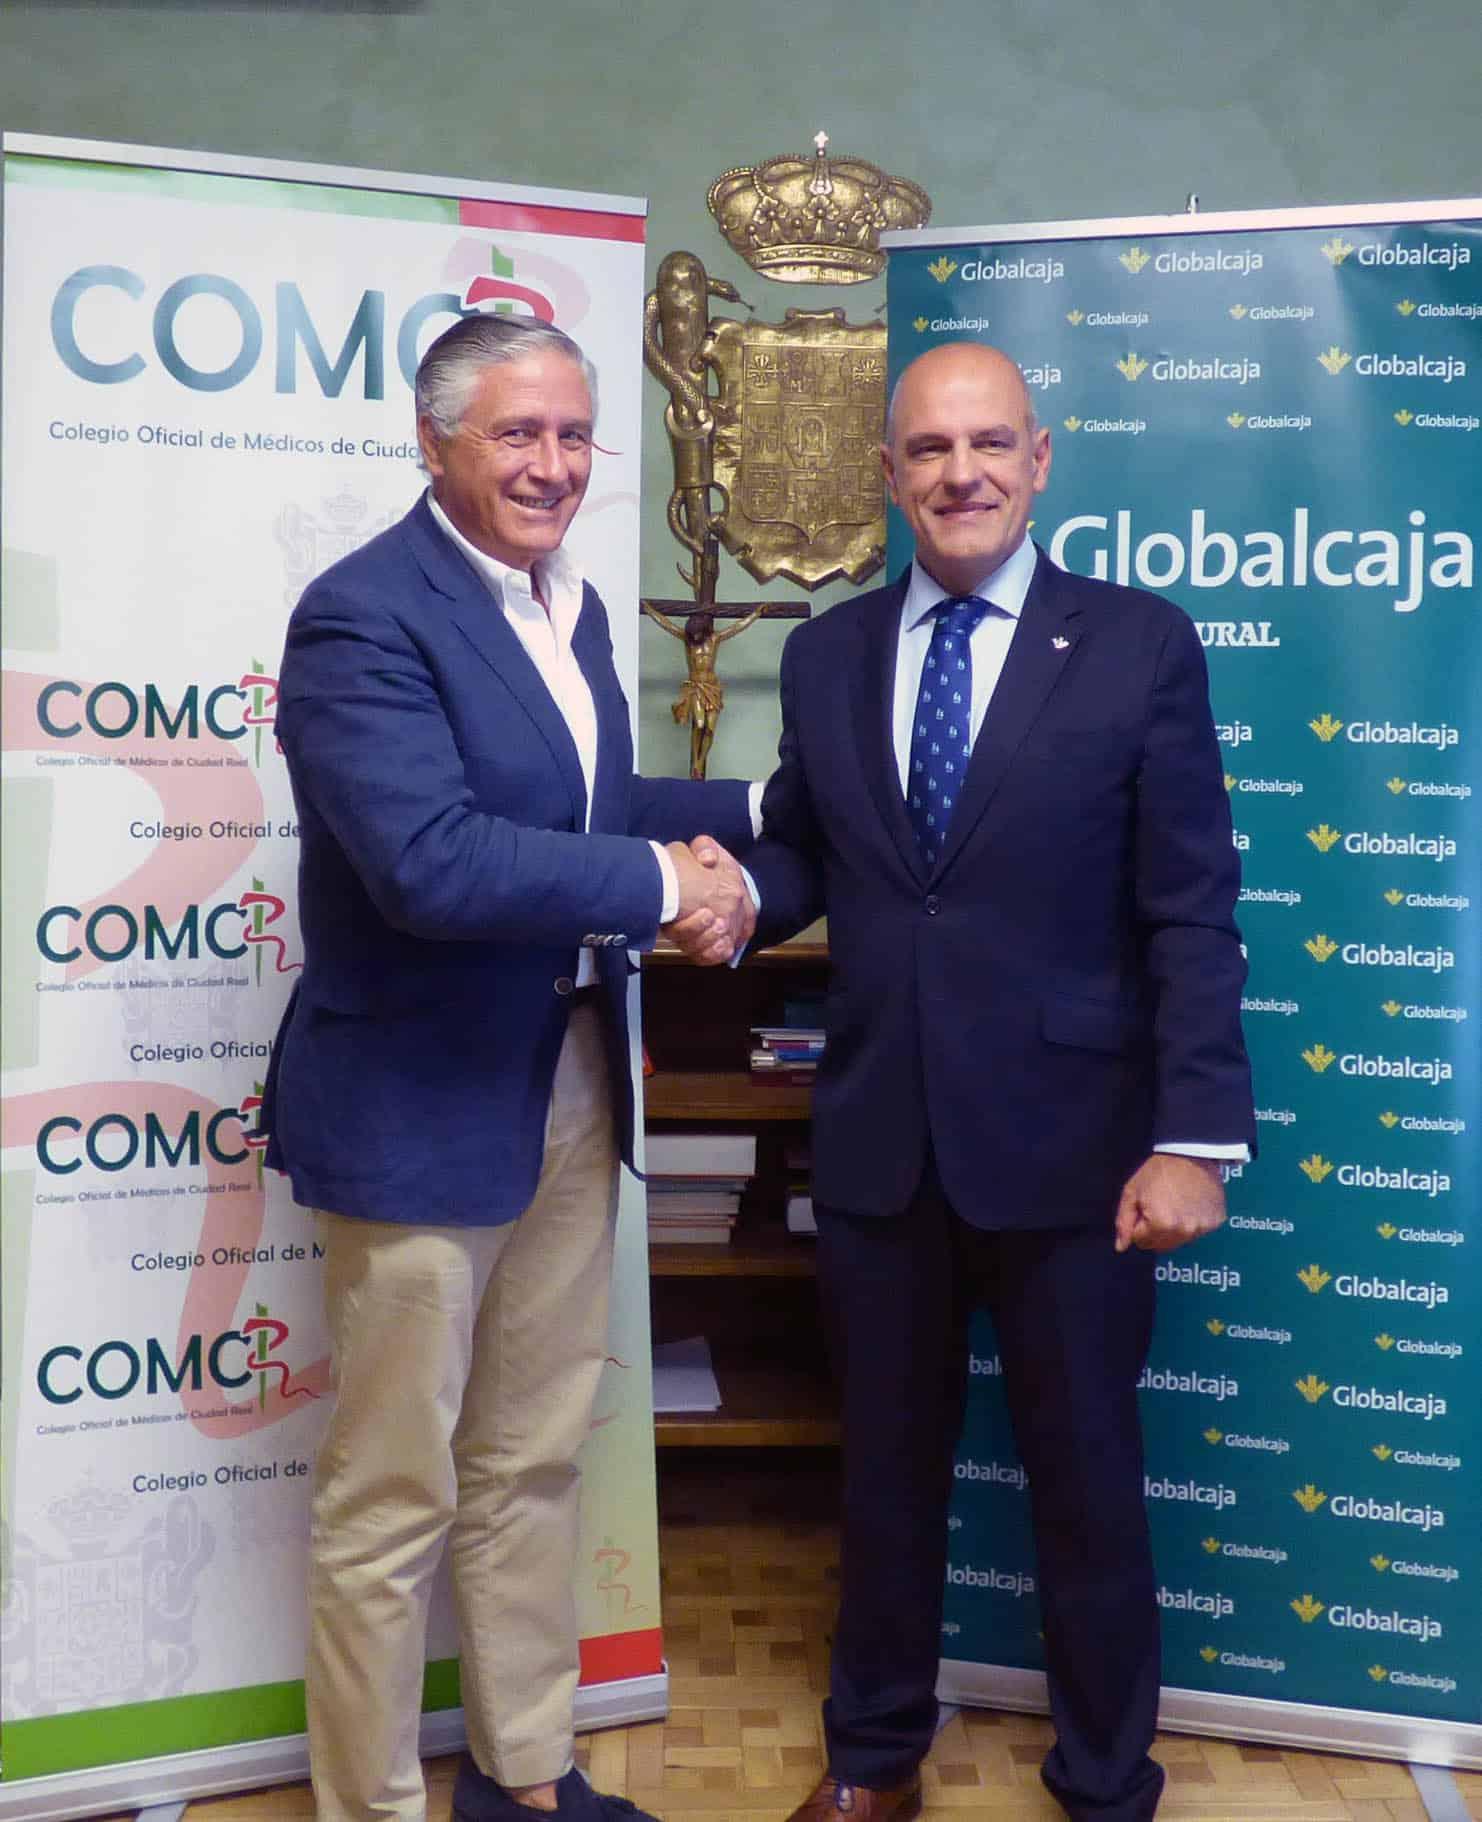 Foto: El presidente colegial, el Dr. José Molina, y el director territorial de Globalcaja, Miguel Ángel León